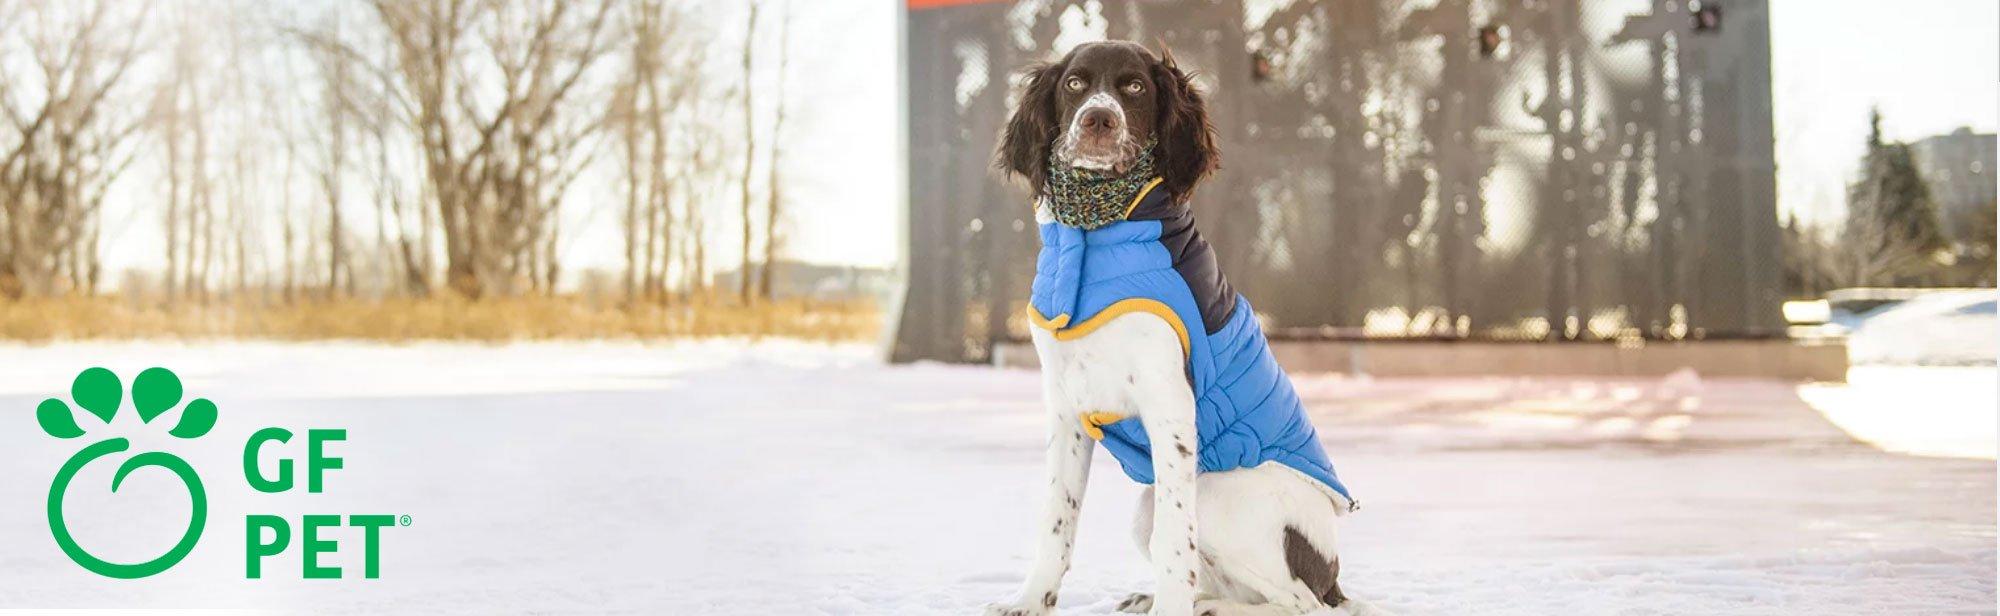 GF Pet Hundebekleidung, Bild 2